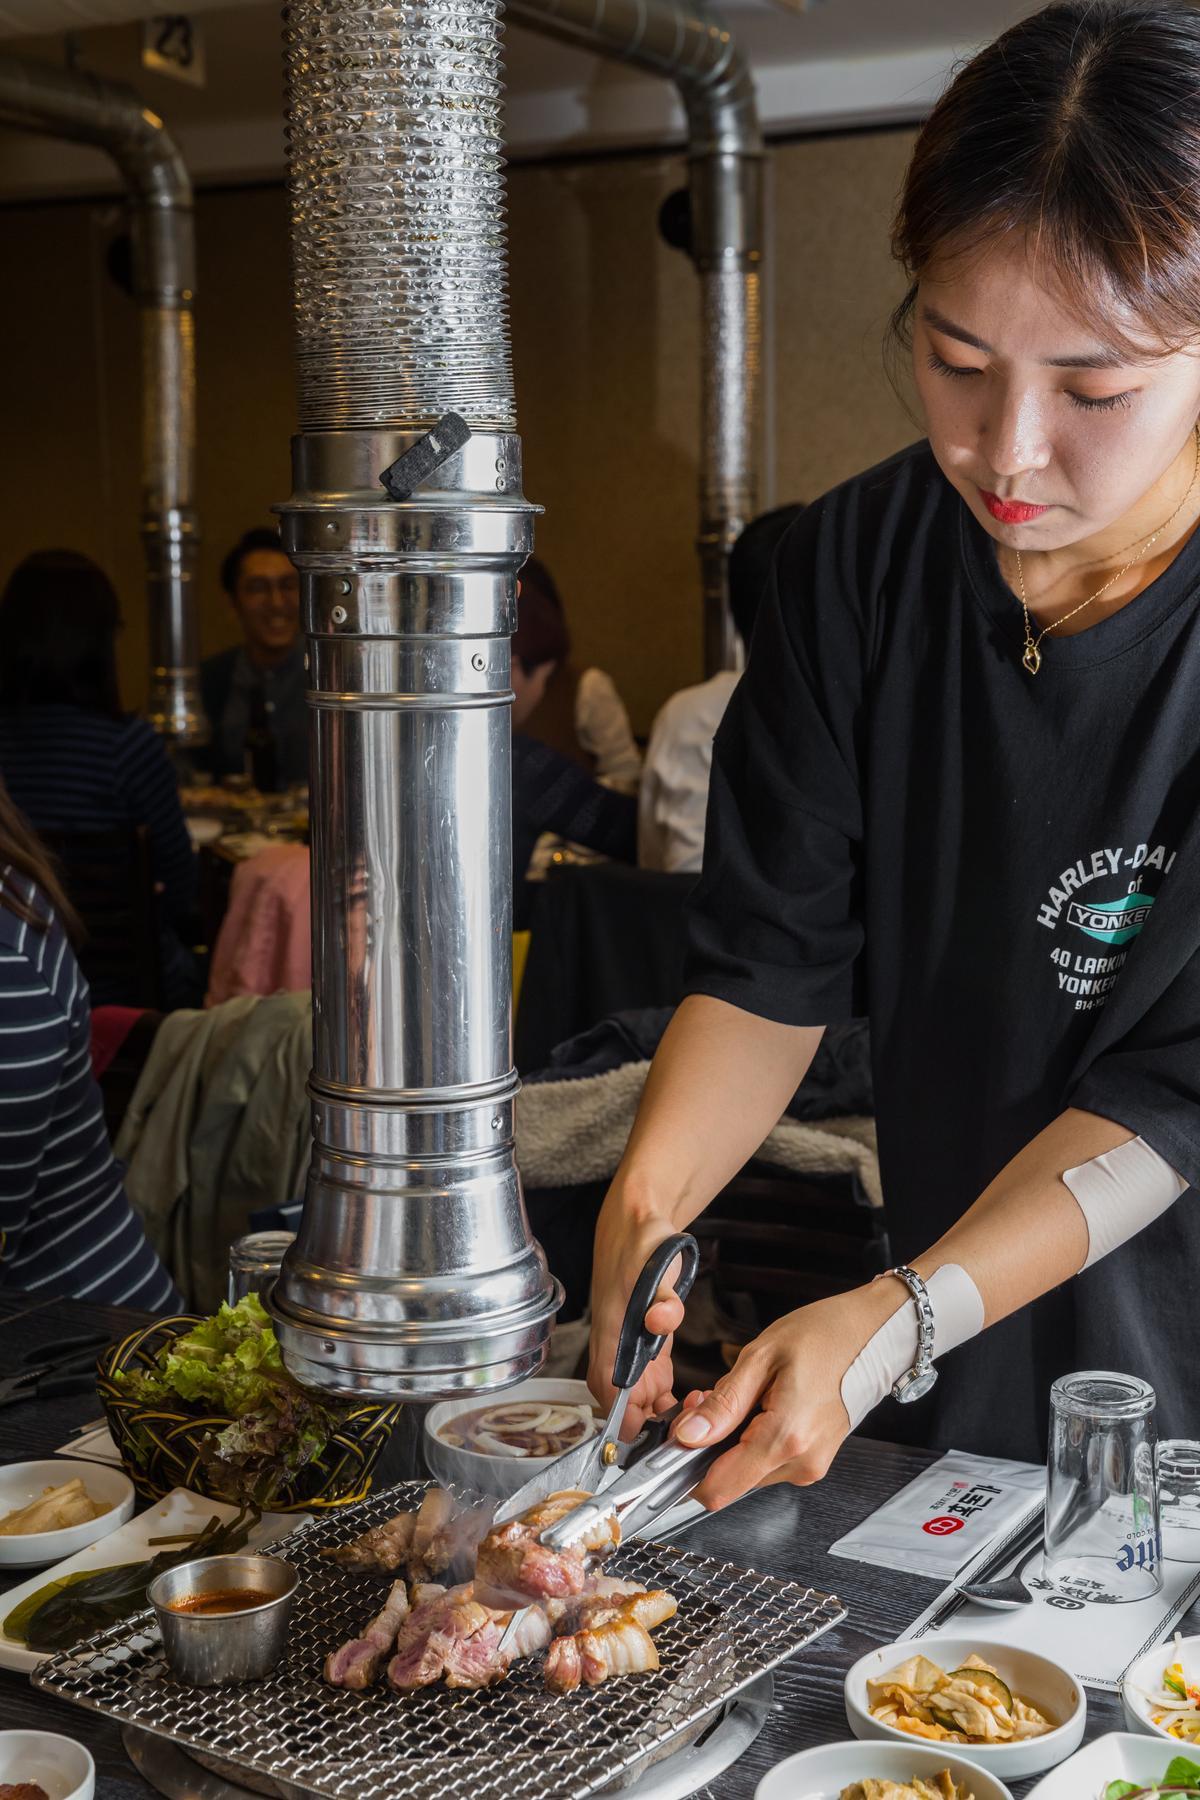 服務人員會隨時注意肉的熟度,把肉剪成長條狀,方便客人取用。